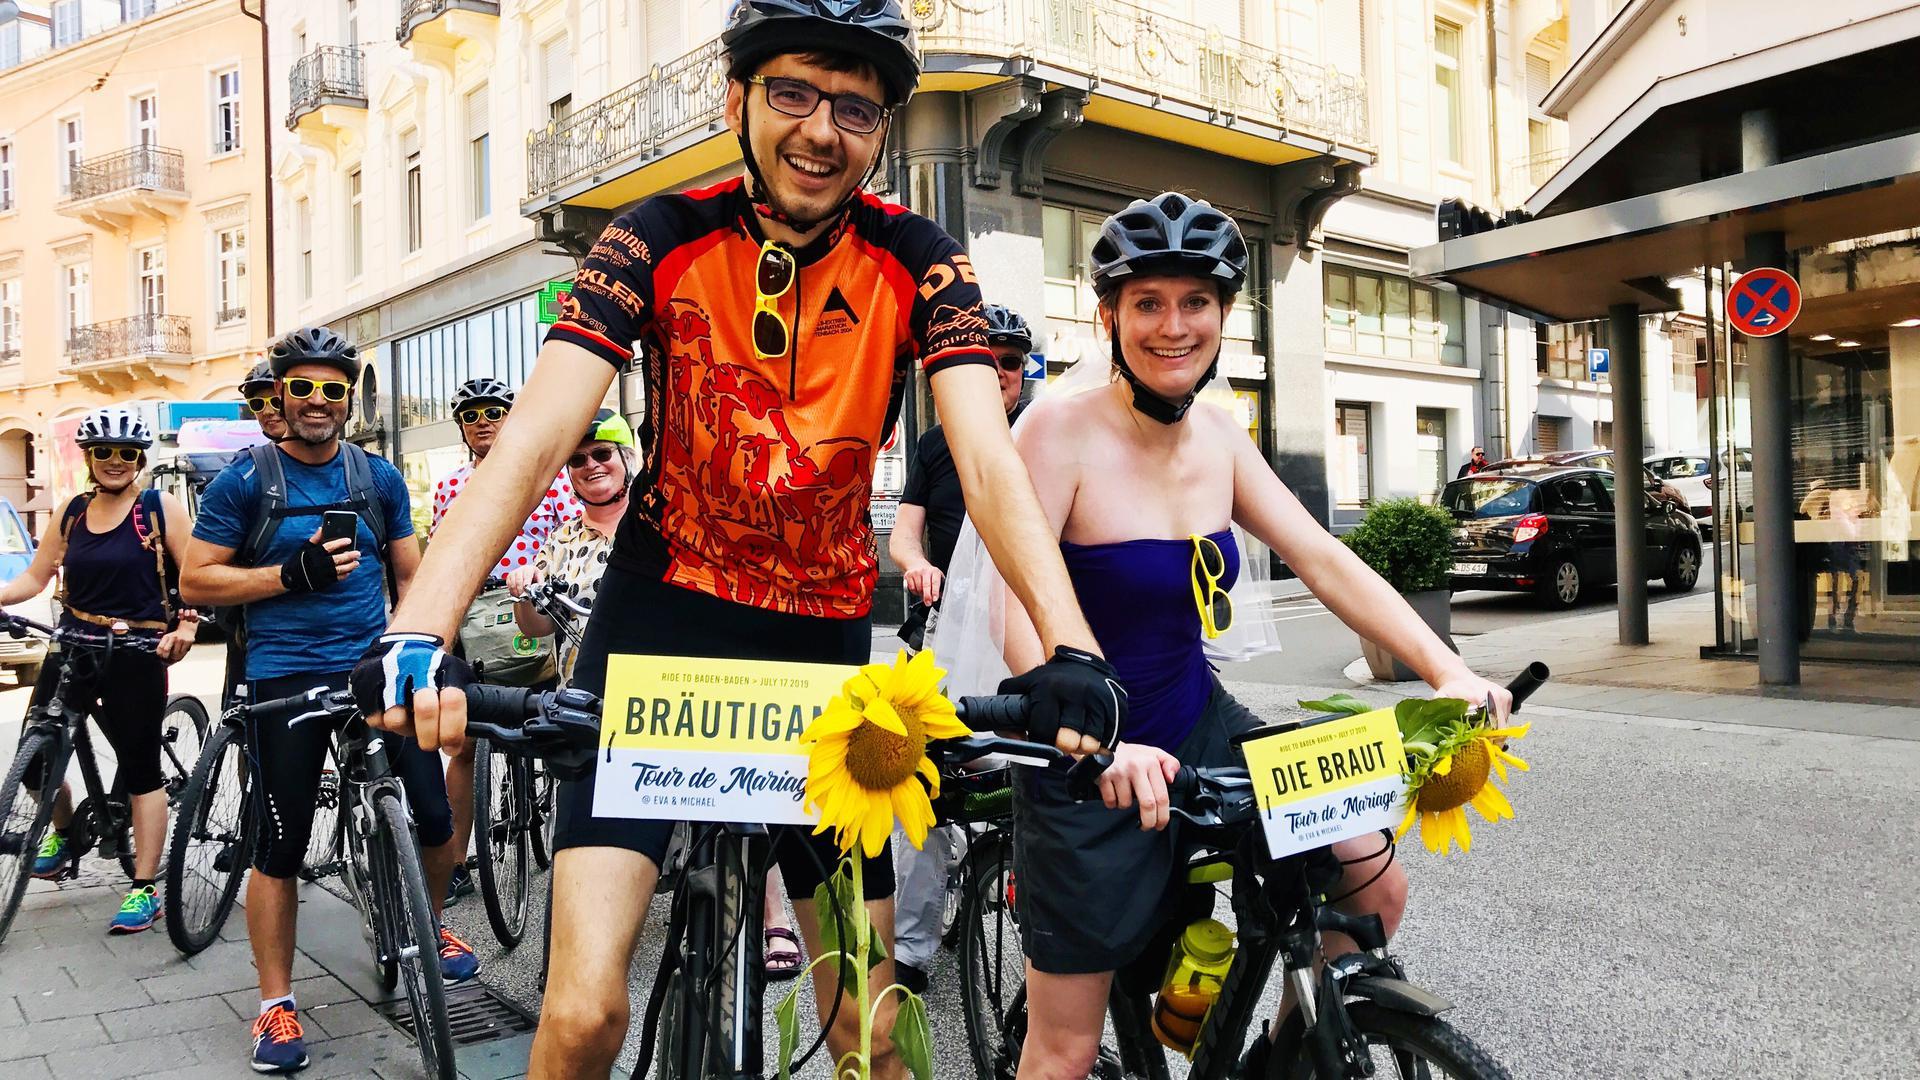 Drahtesel statt Edelkarosse: Eva Meier und Michael Jung kurz vor dem Ziel: dem Standesamt in Baden-Baden.